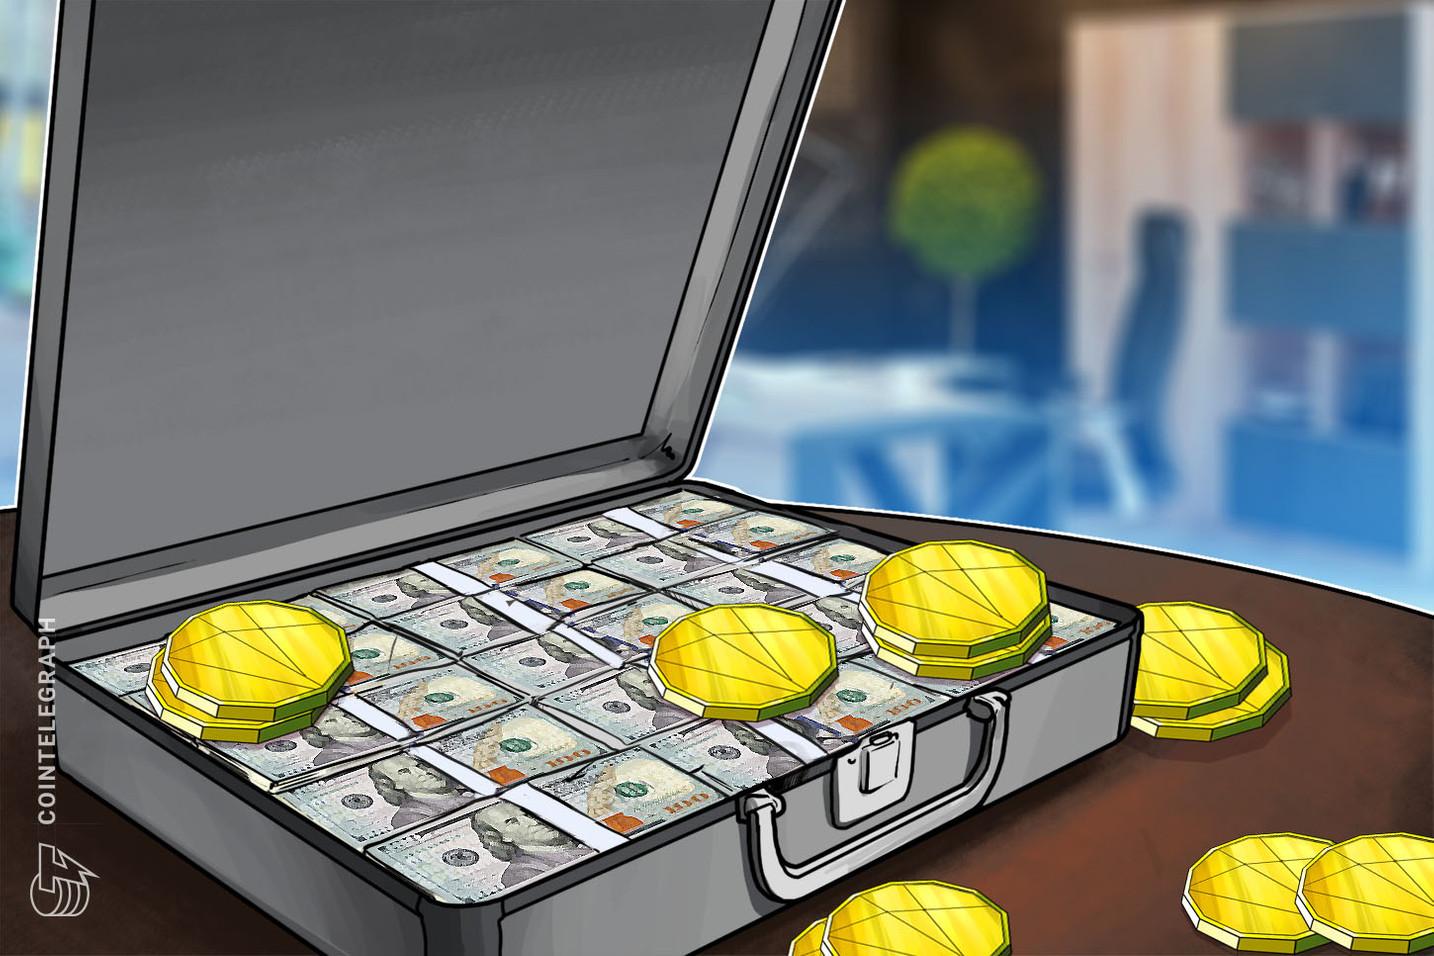 La empresa europea de criptomonedas Bitpanda recaudó $170 millones de dólares tras una ronda de financiación